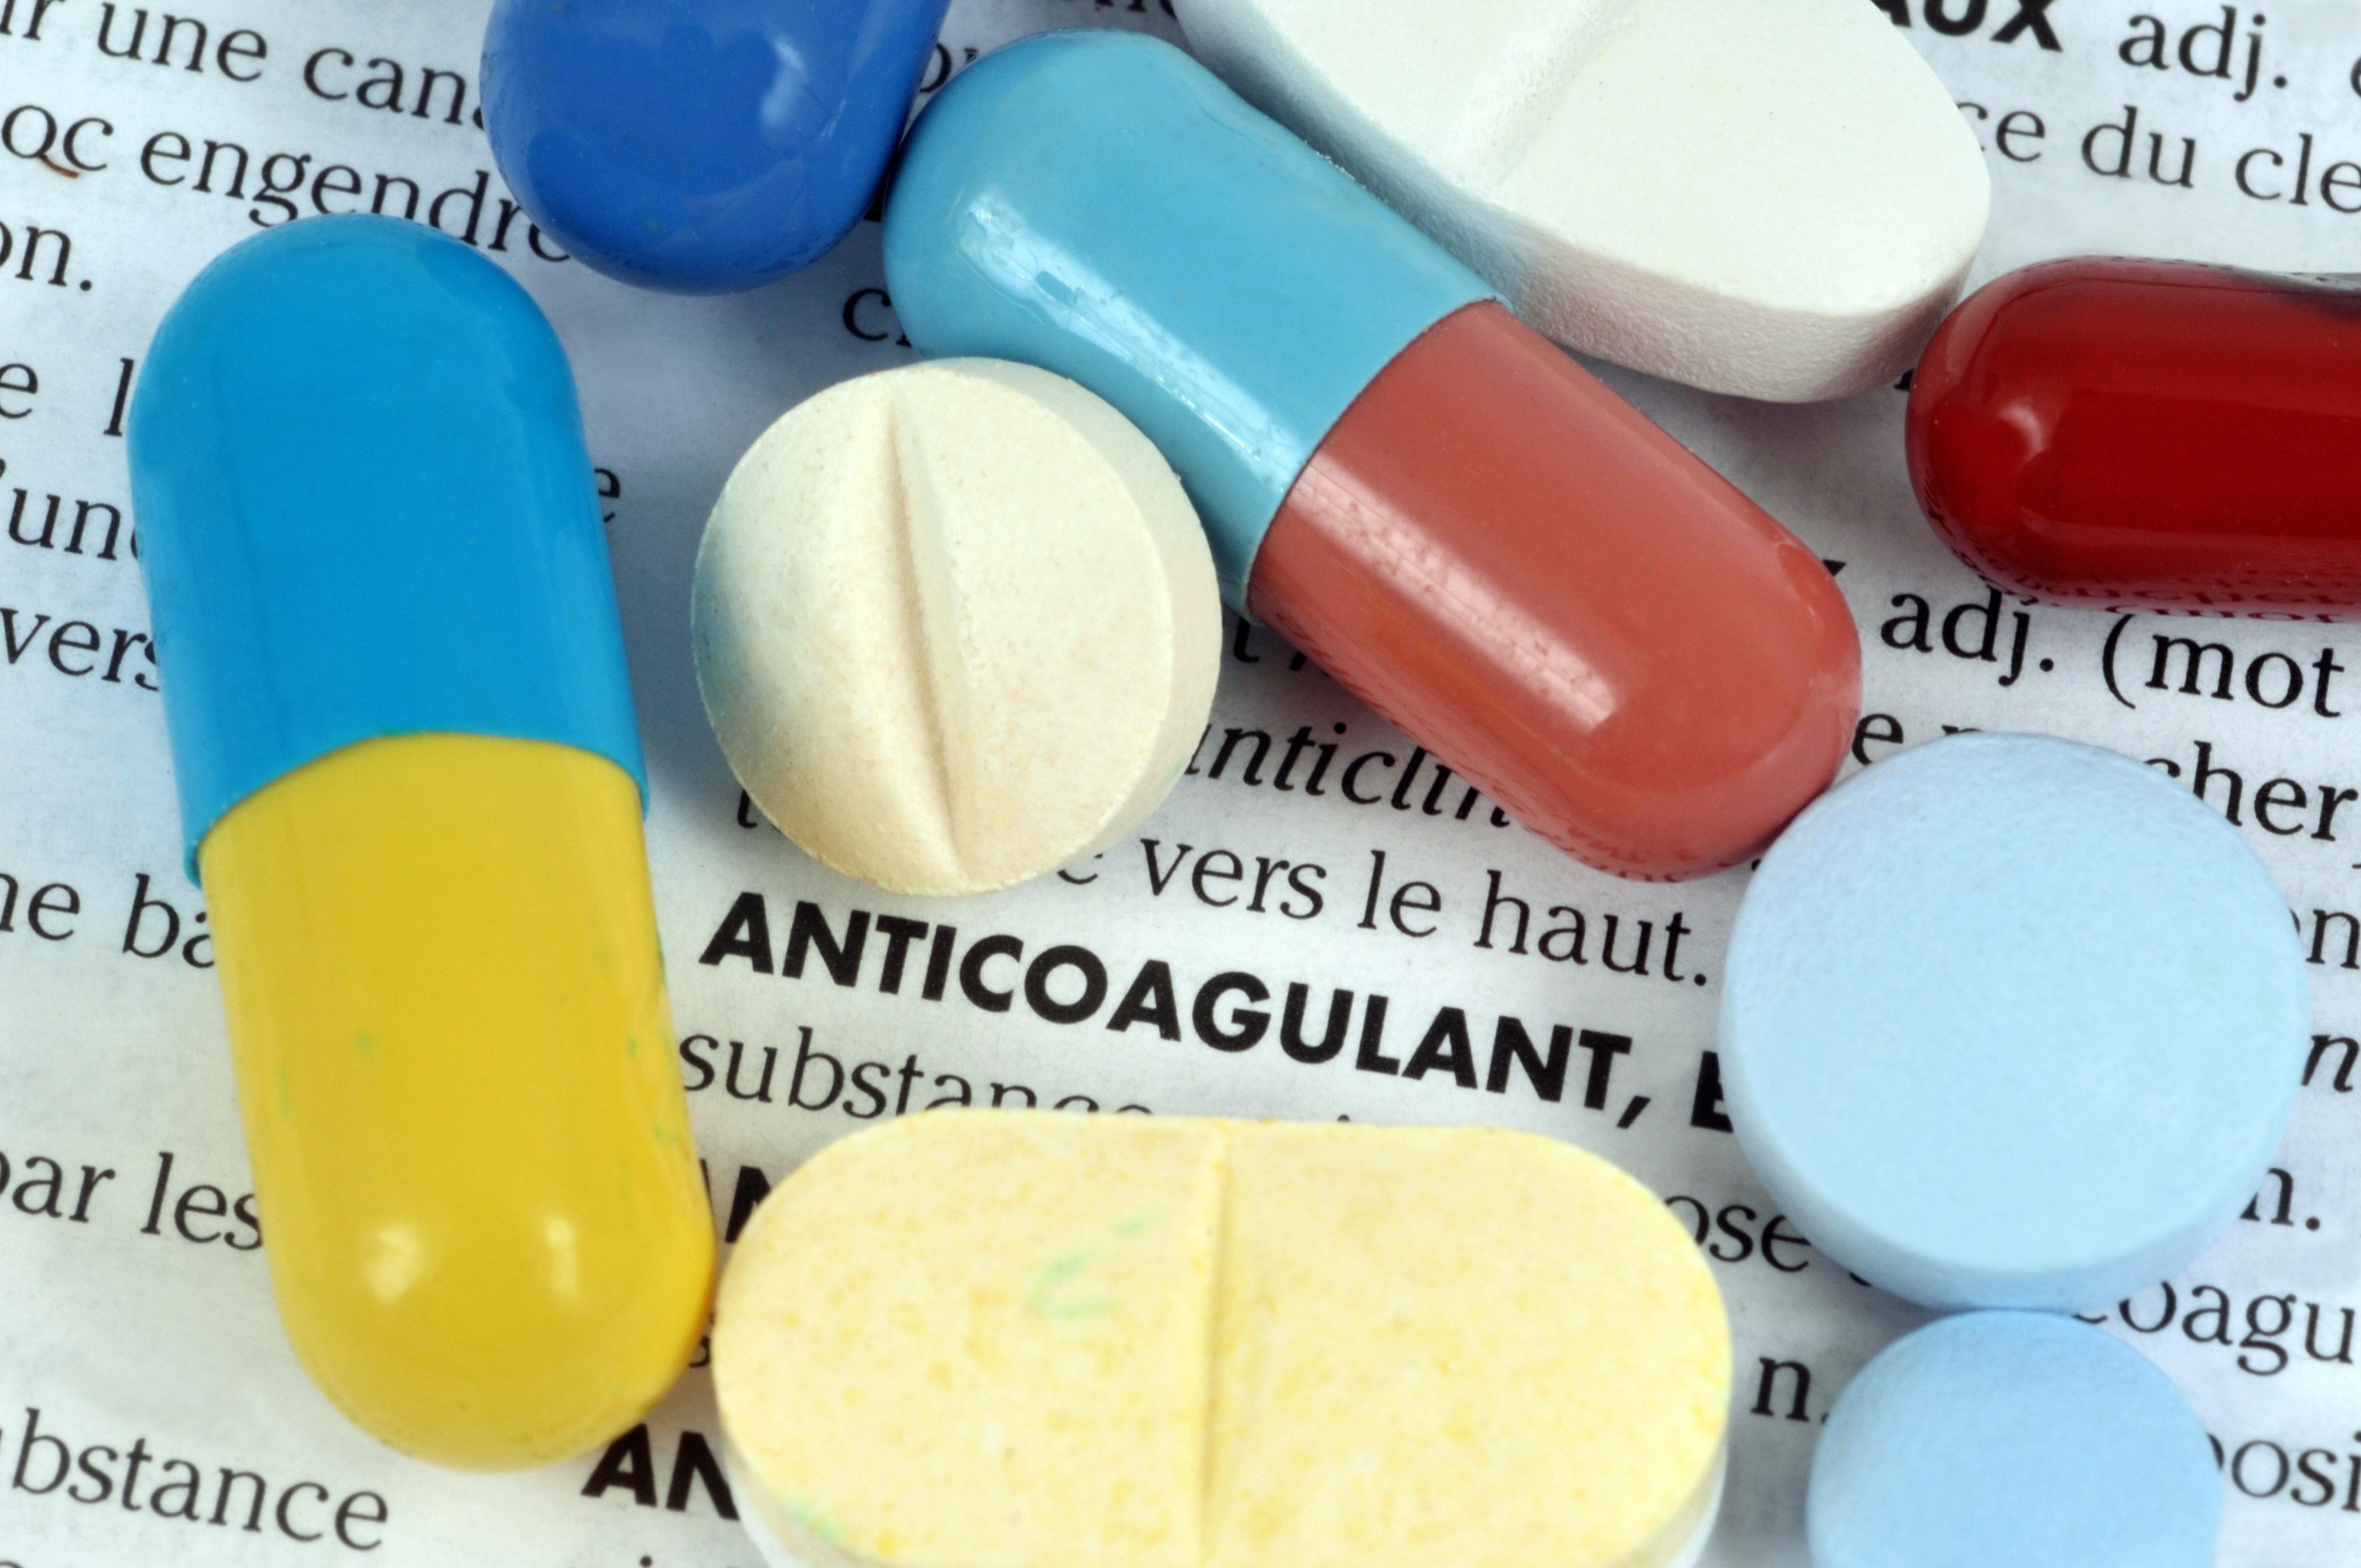 Les effets indésirables des AVKs notamment le risque d'hémorragie, sont bien connus.